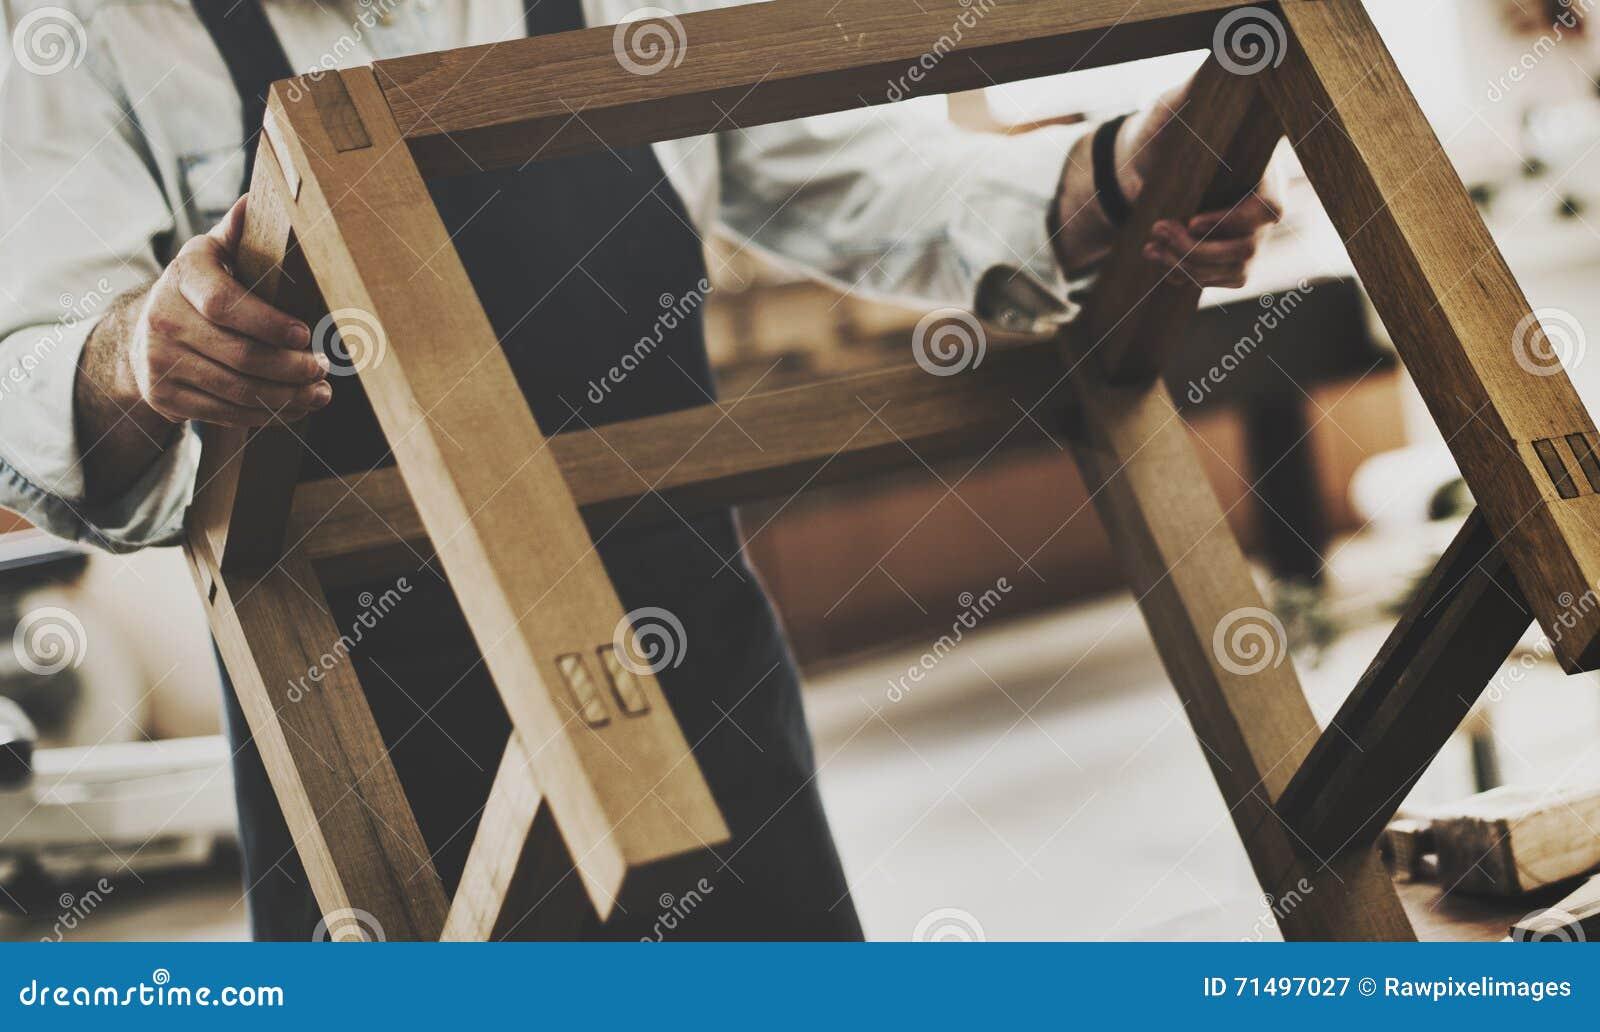 Oficina de madeira de Craftmanship Carpentry Handicraft do carpinteiro concentrada